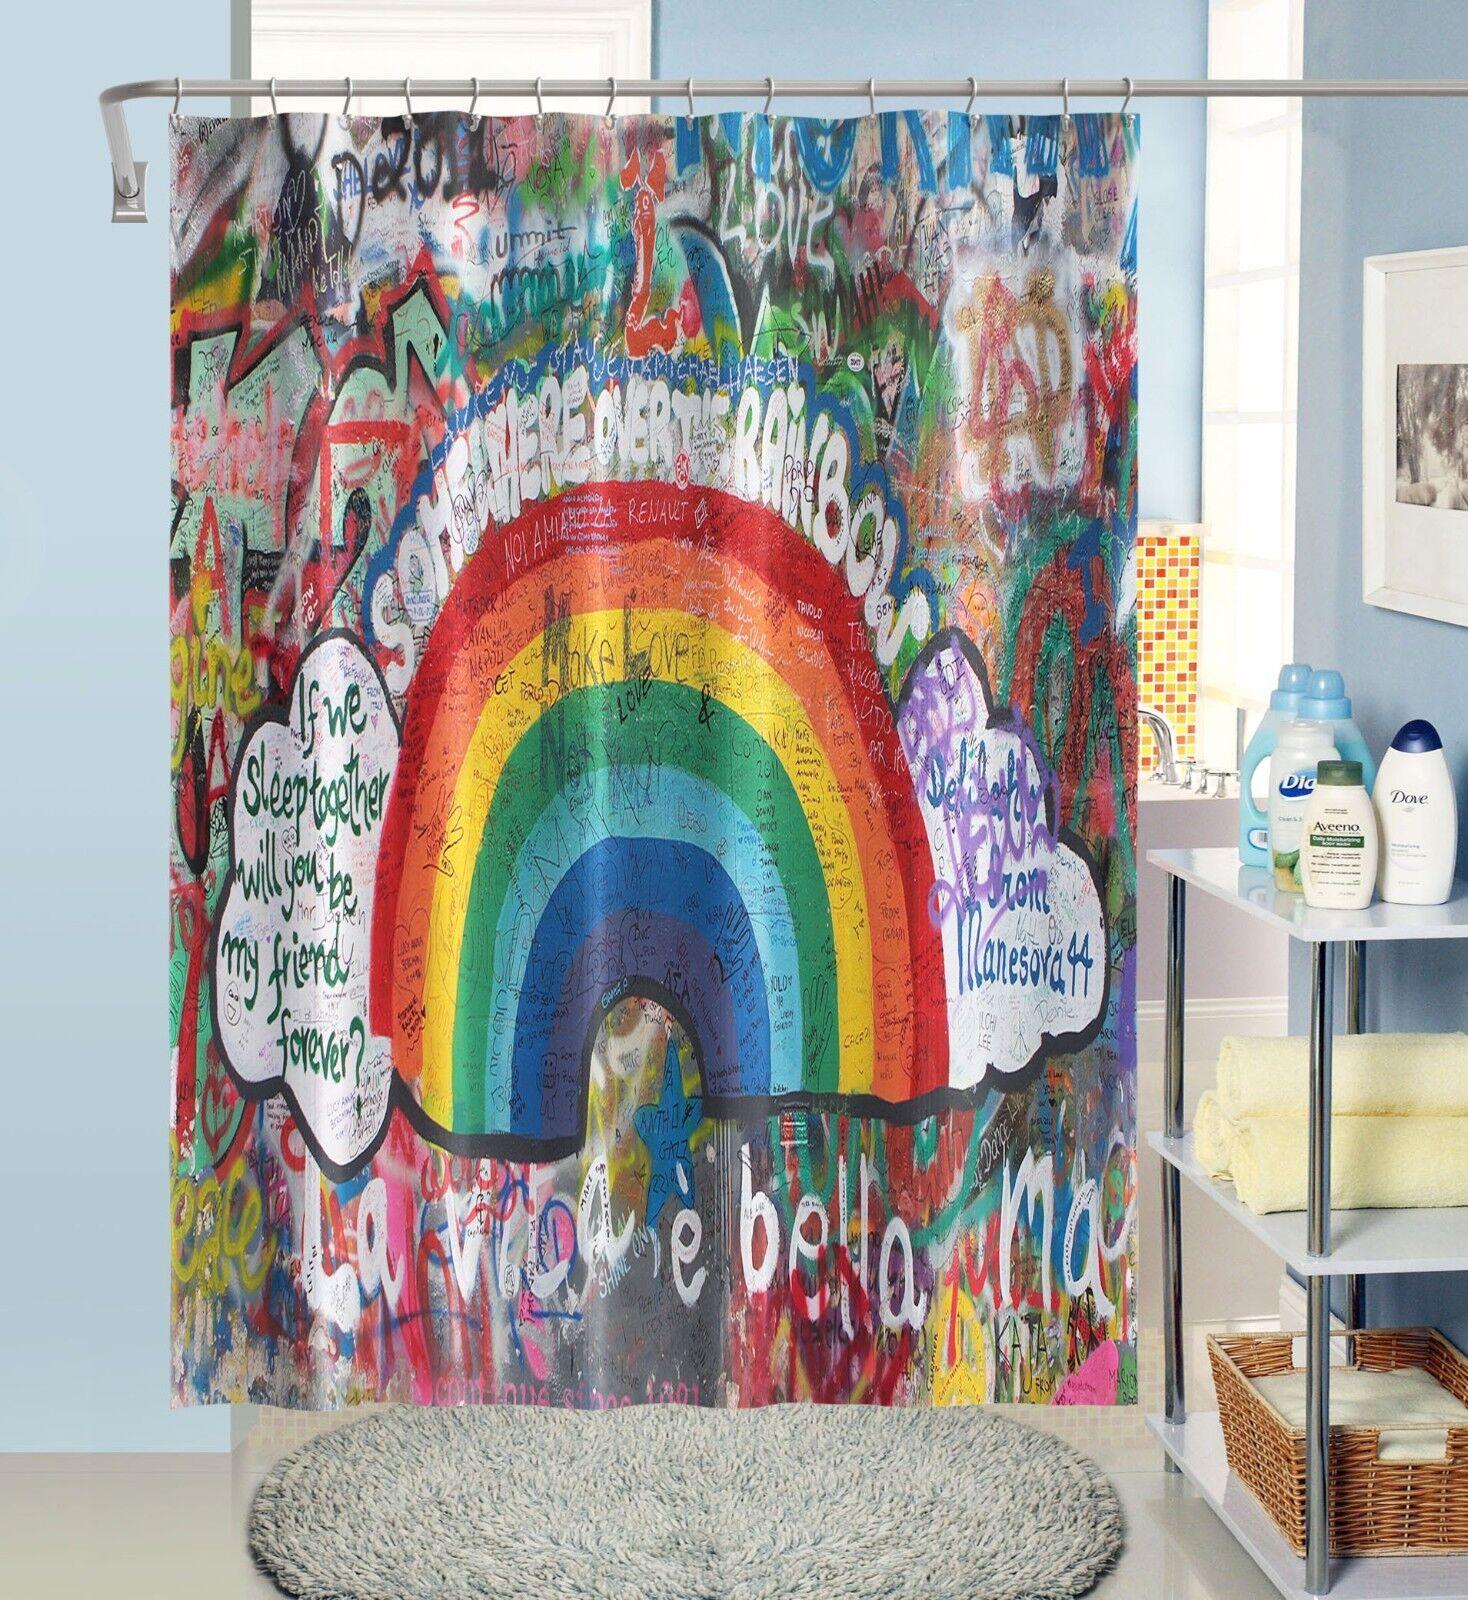 3D Graffiti Wand 1 Duschvorhang Wasserdicht Faser Faser Faser Bad Daheim Windows Toilette DE | Outlet Store Online  c0afe1